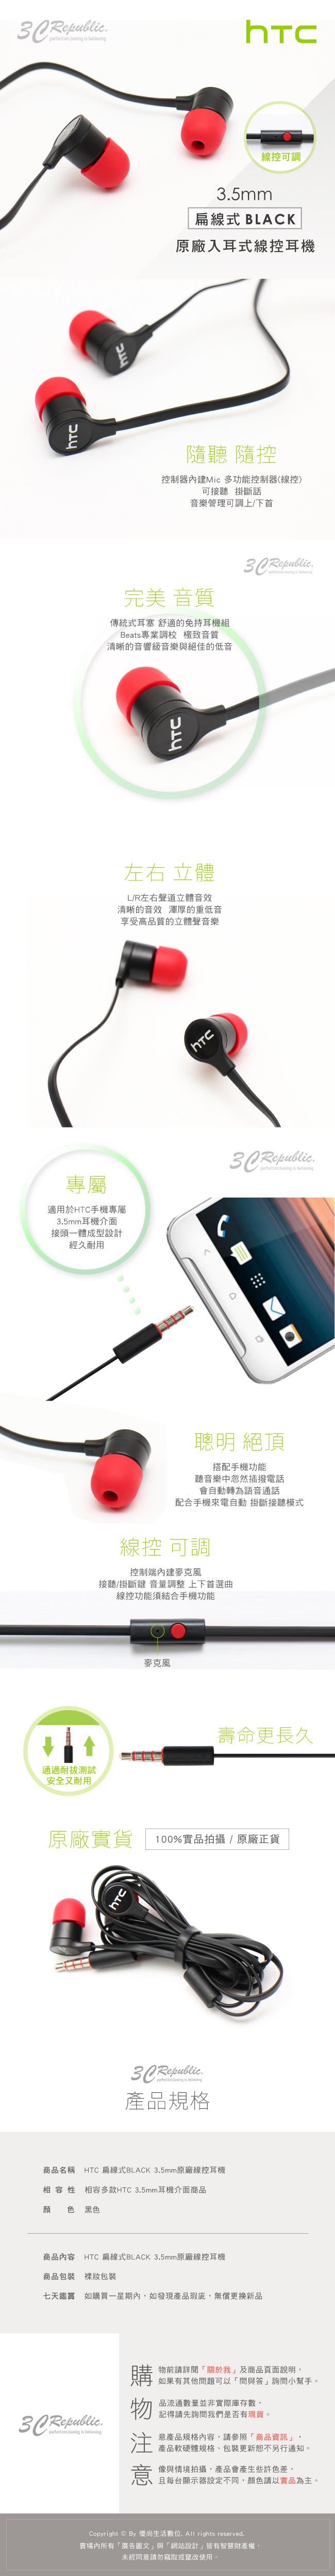 HTC 3.5mm